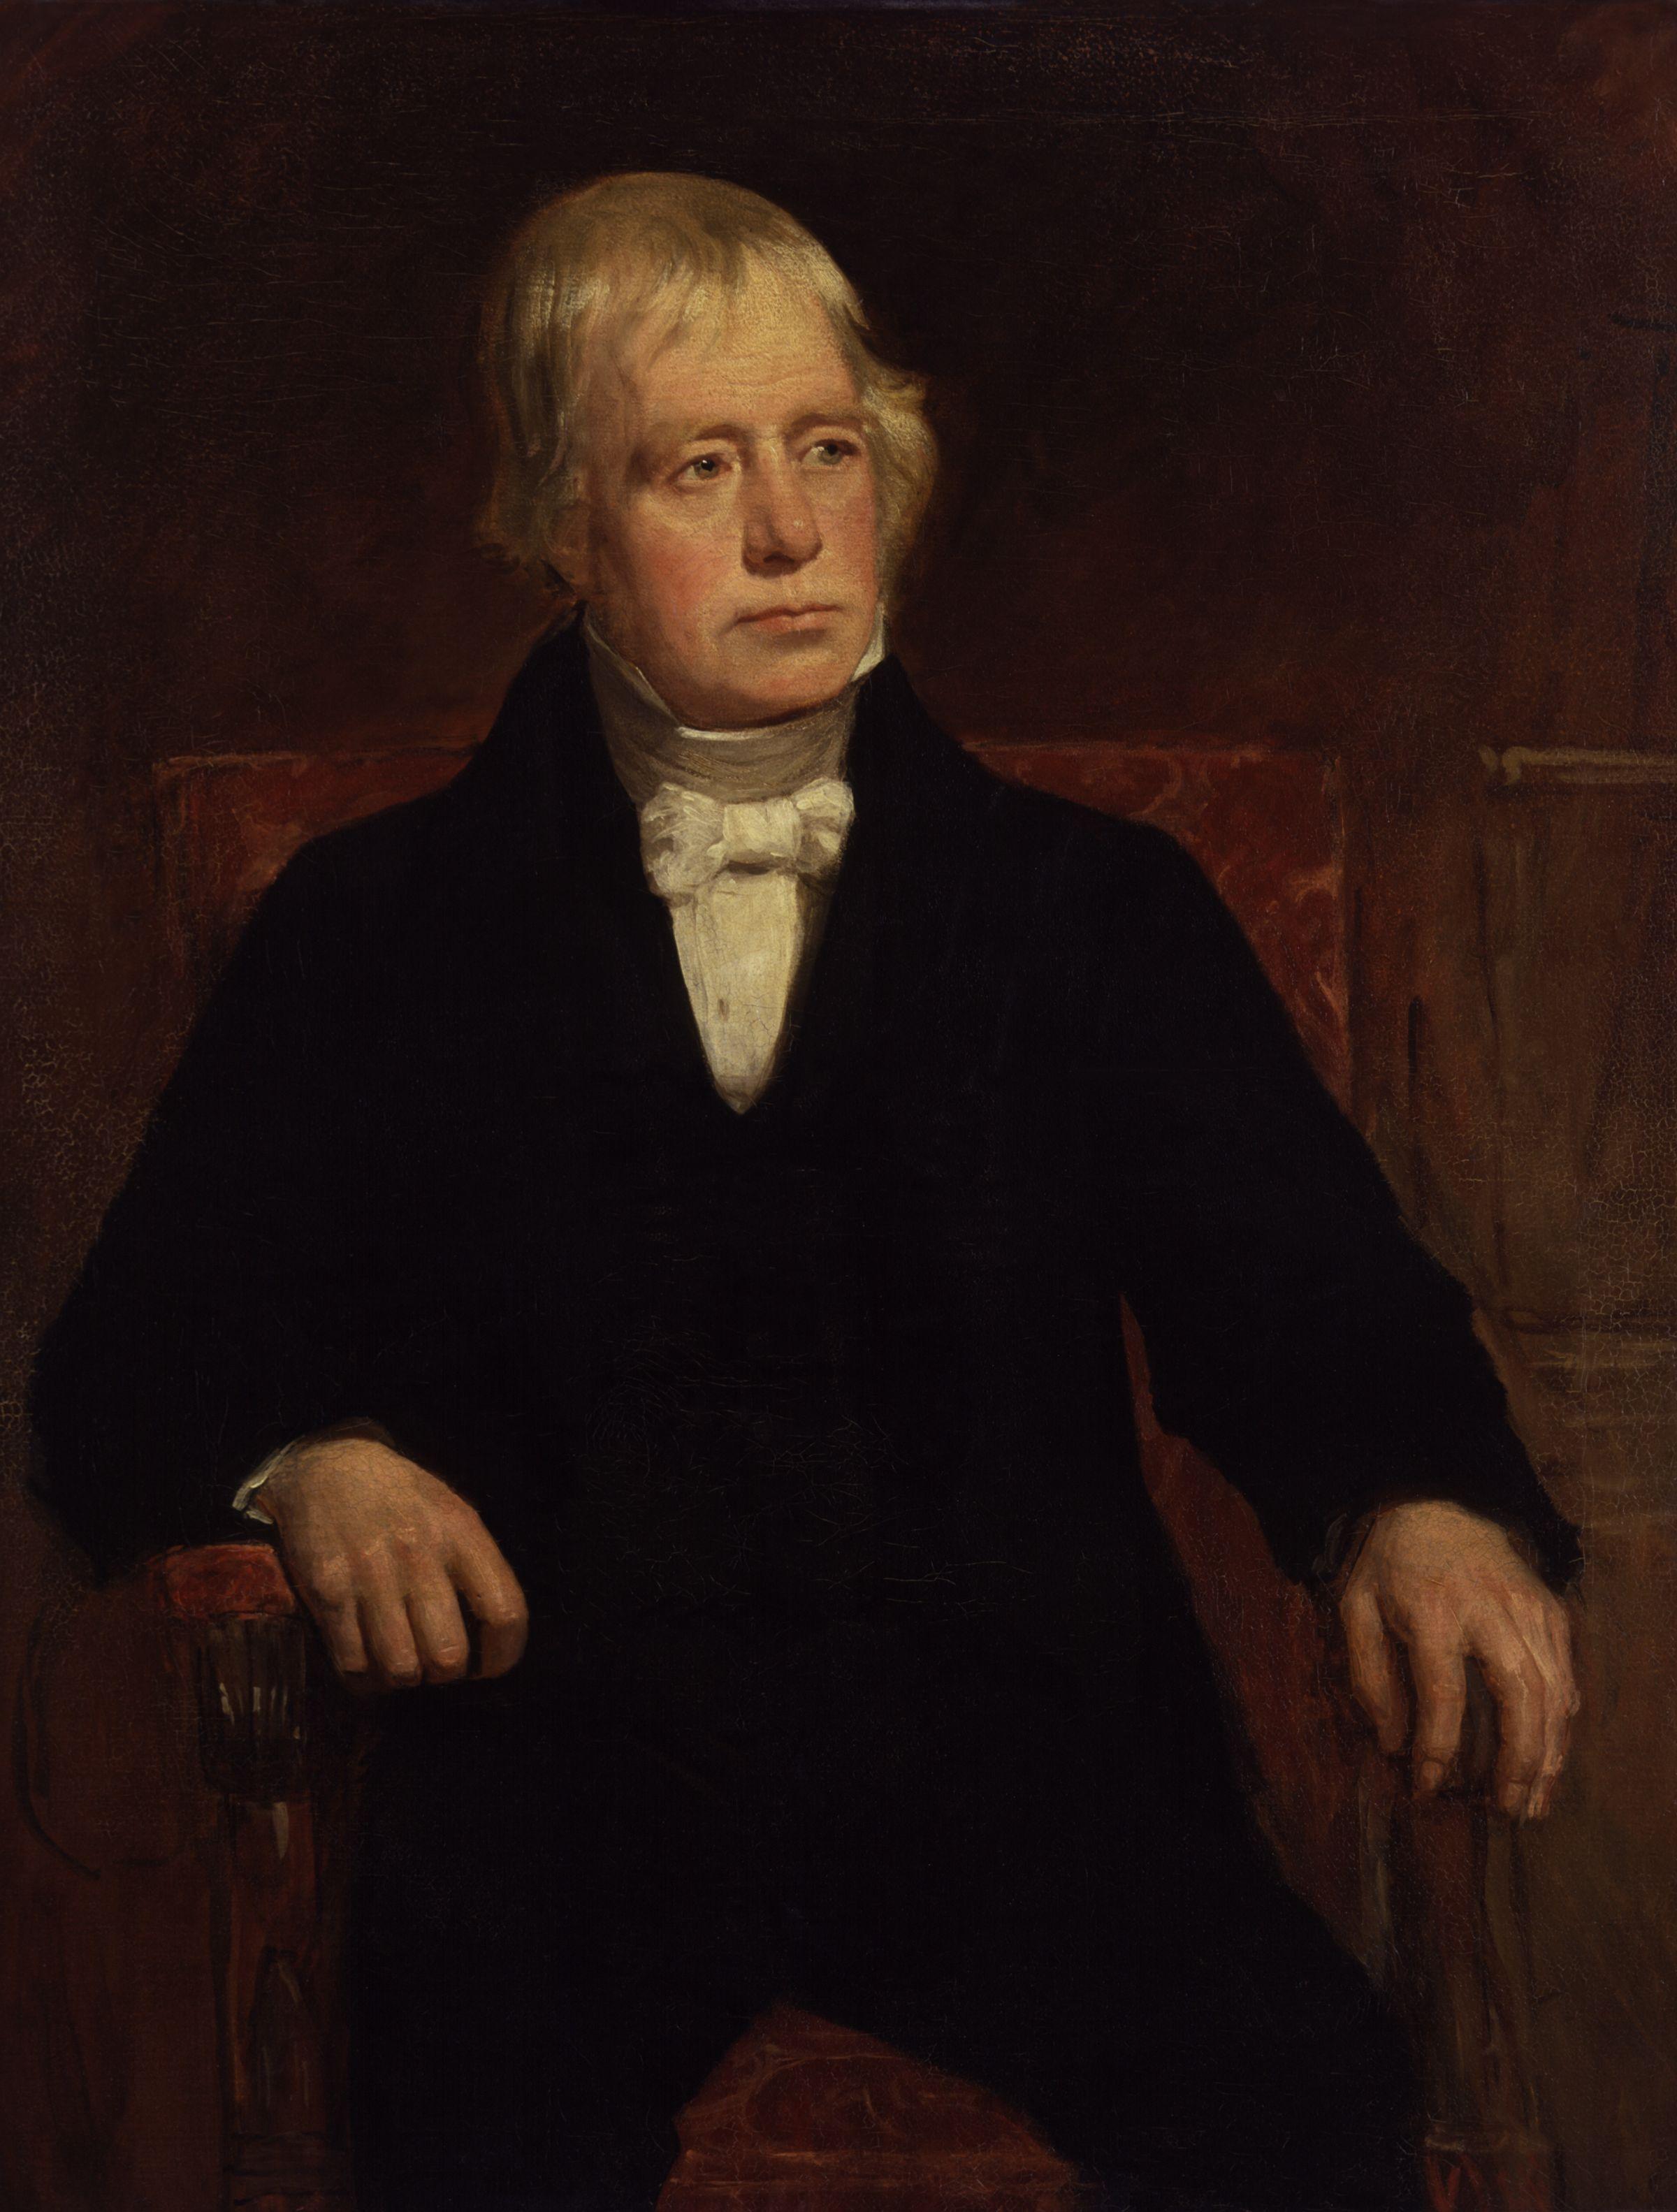 https://upload.wikimedia.org/wikipedia/commons/0/0d/Sir_Walter_Scott%2C_1st_Bt_by_John_Graham_Gilbert.jpg